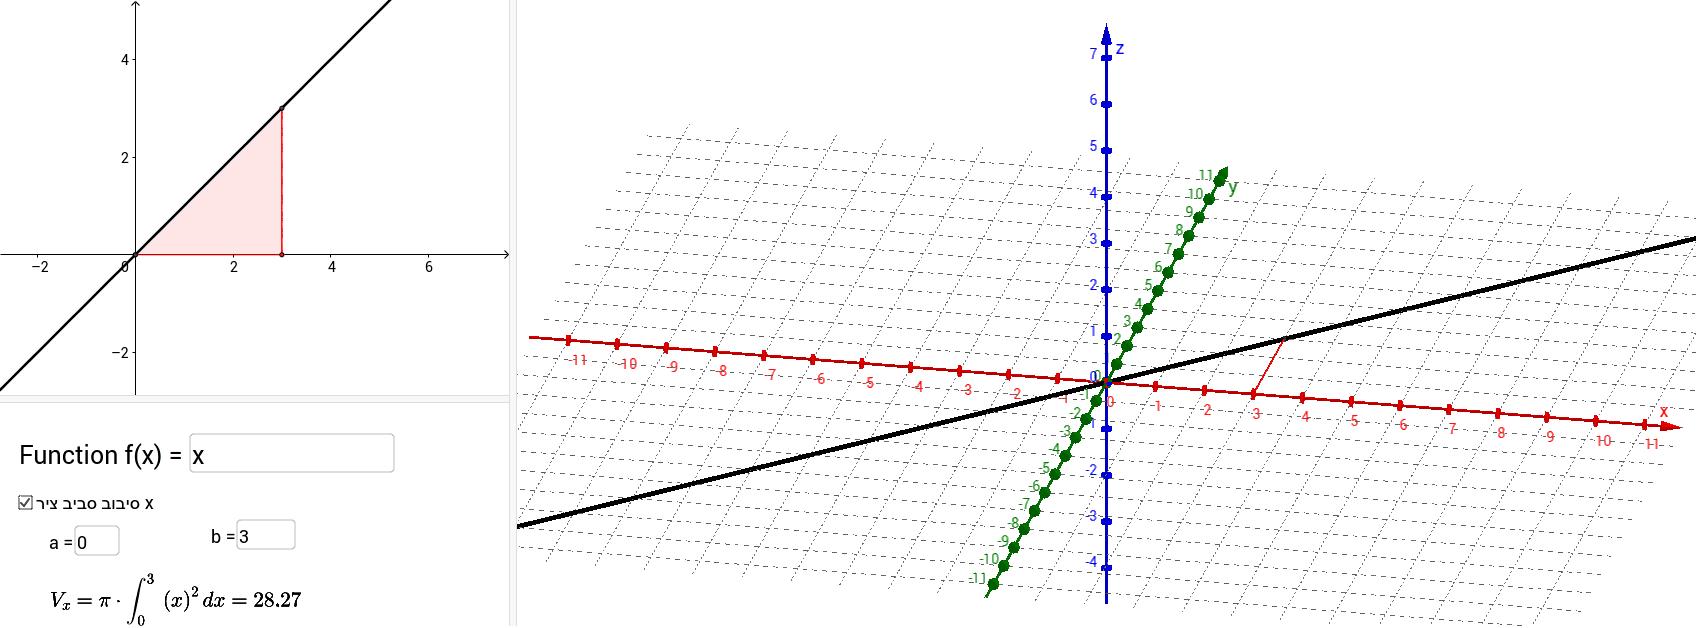 שנו את הזווית ועקבו אחר הגוף הנוצר מסיבוב השטח סביב ציר ה-x Press Enter to start activity